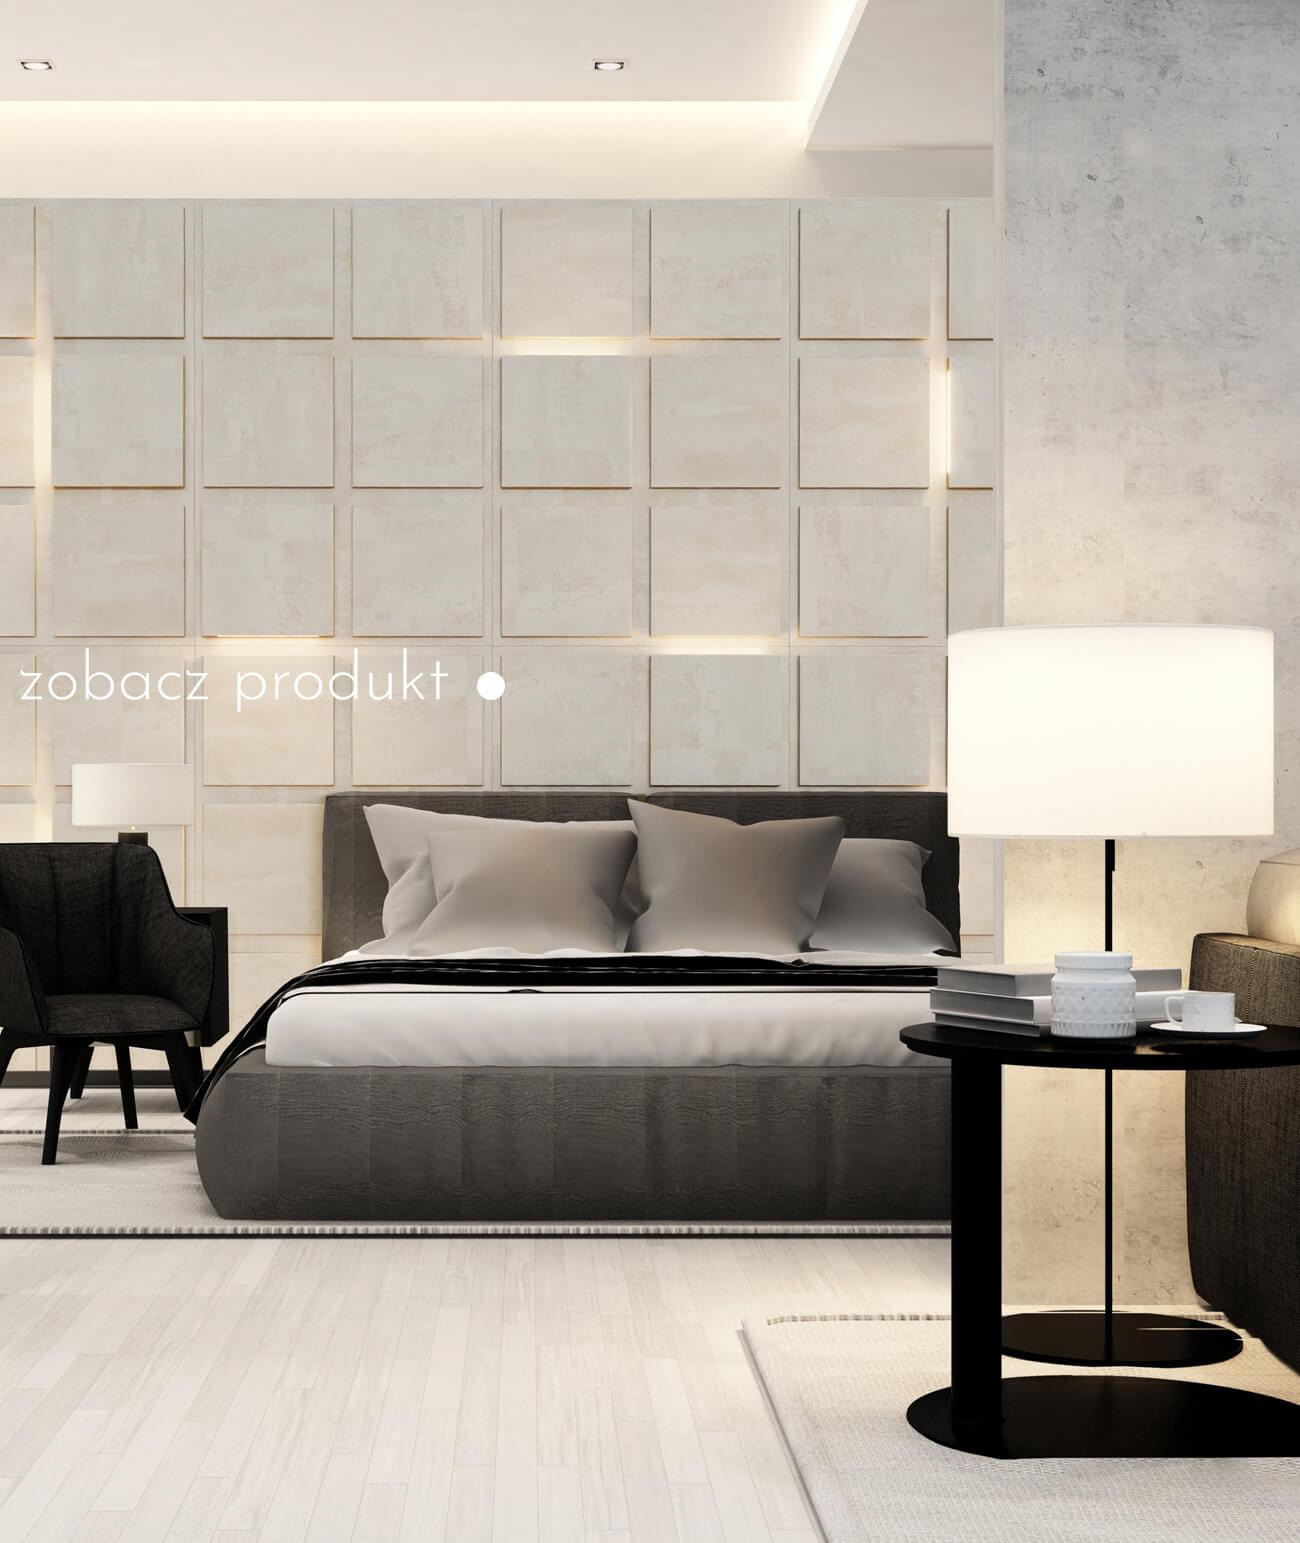 """""""1300-32481-blooki-beton-jasny-panel-3d-na-sciane-z-oswietleniem.html#/wersja-1_modul"""""""